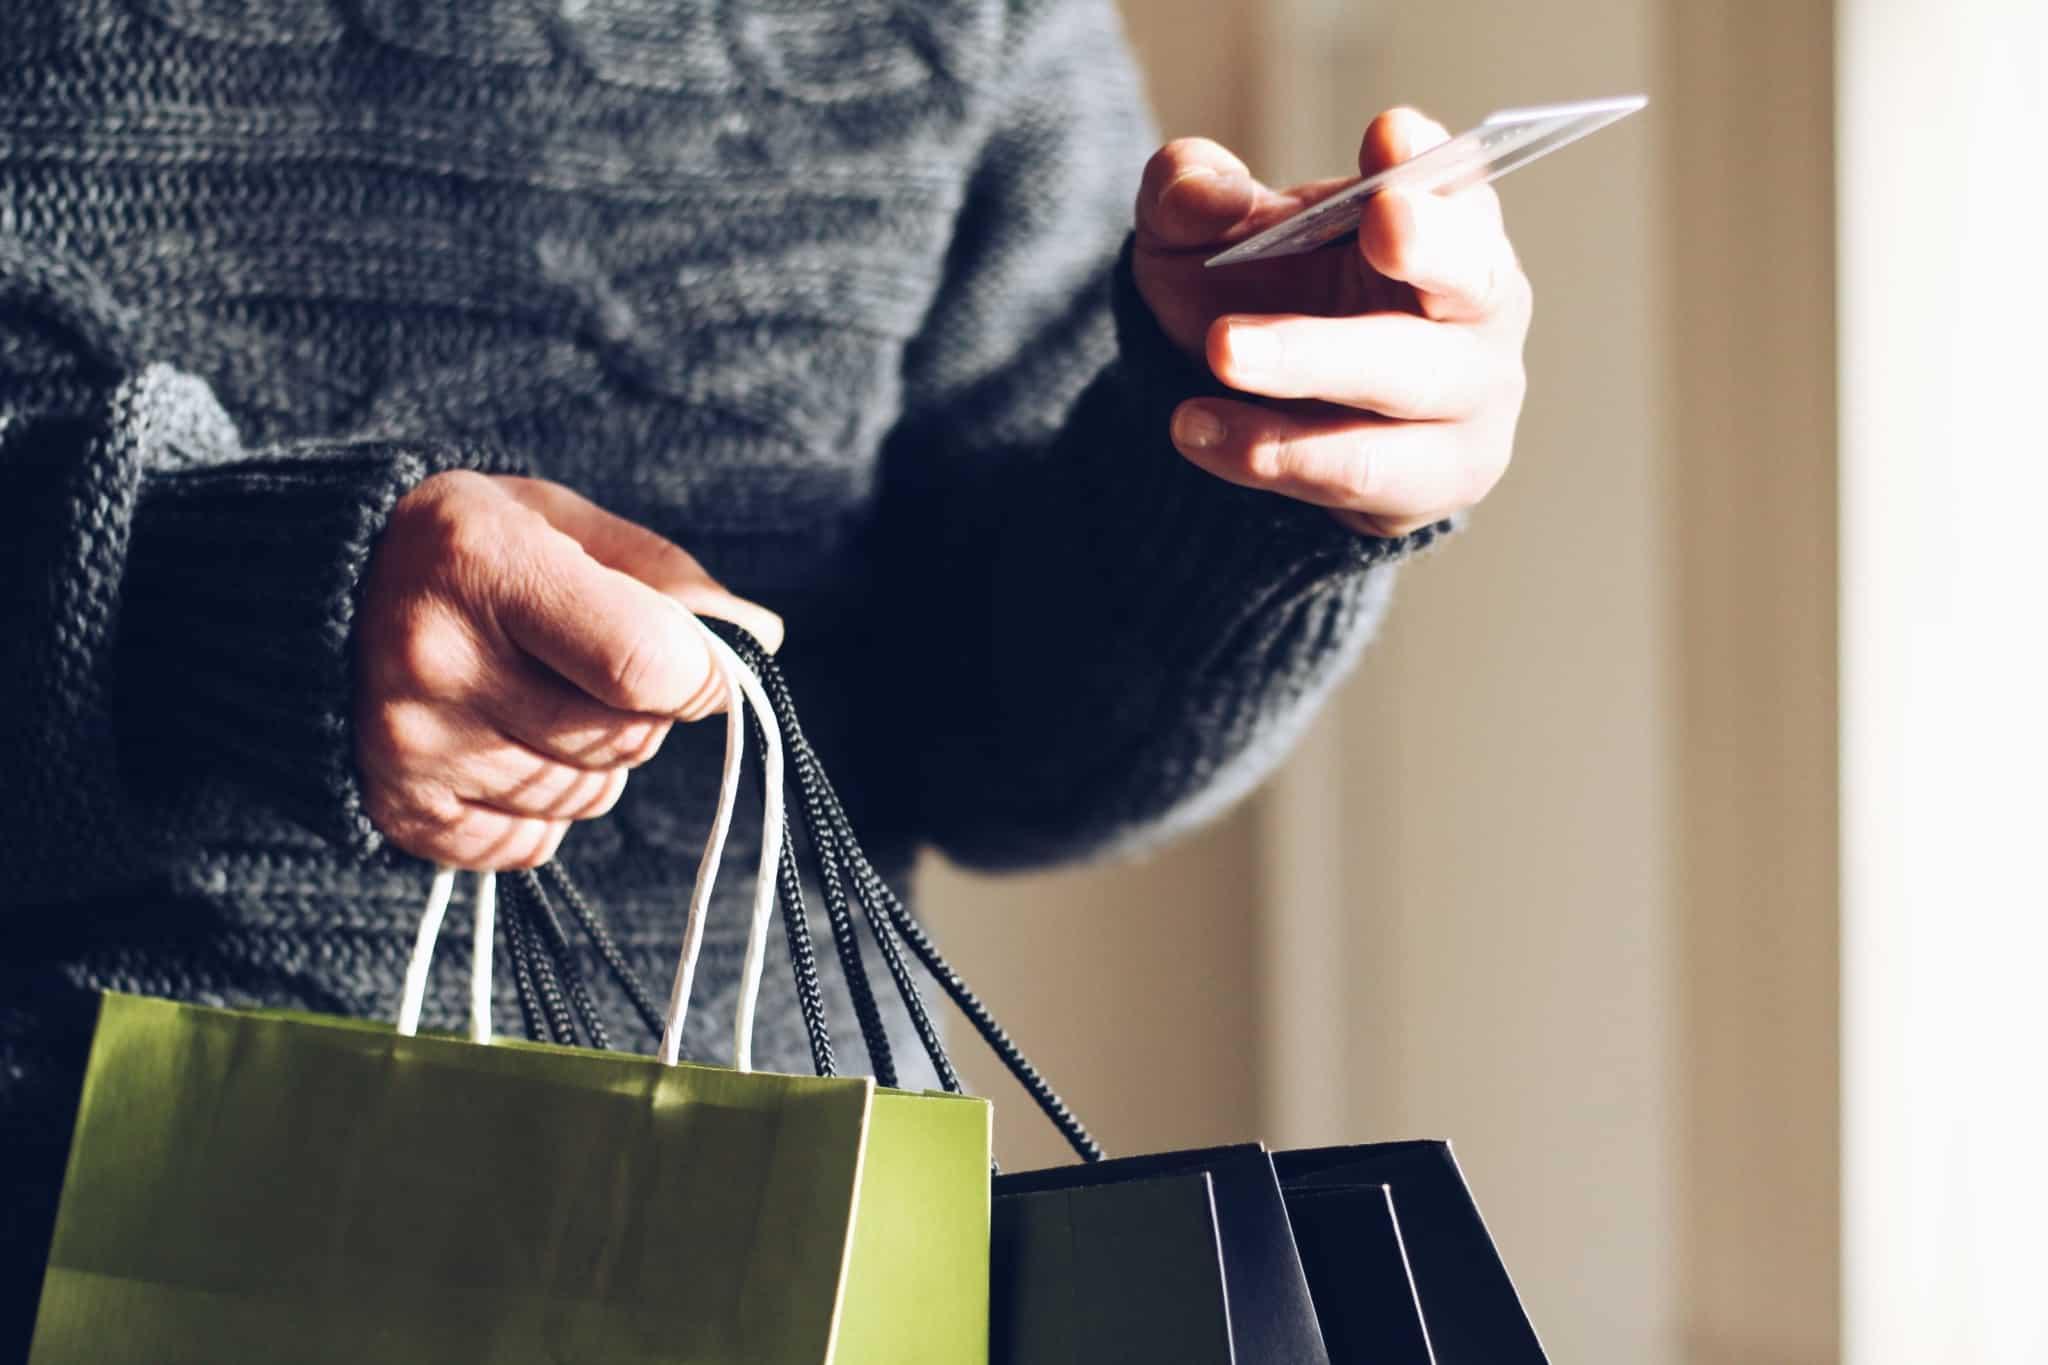 pessoa com sacos de compras e a mostrar cartao de credito